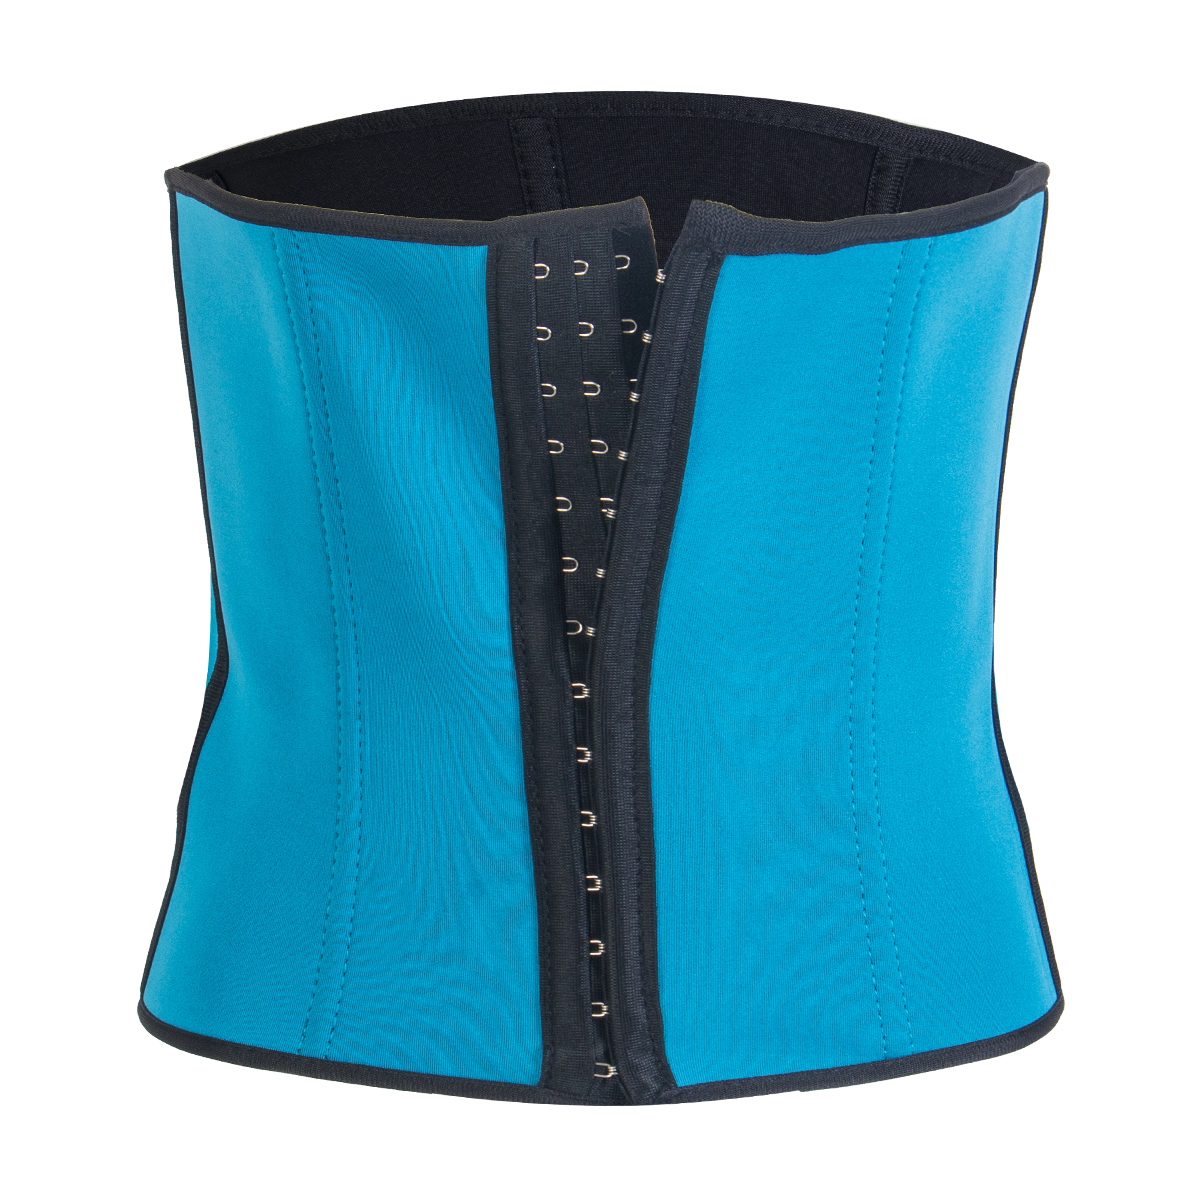 Womens Latex Underbust Body Shaper Waist Clincher Corset Waist Clincher Corset Training Trainer Belt Plus Size Dropshipping in Waist Cinchers from Underwear Sleepwears